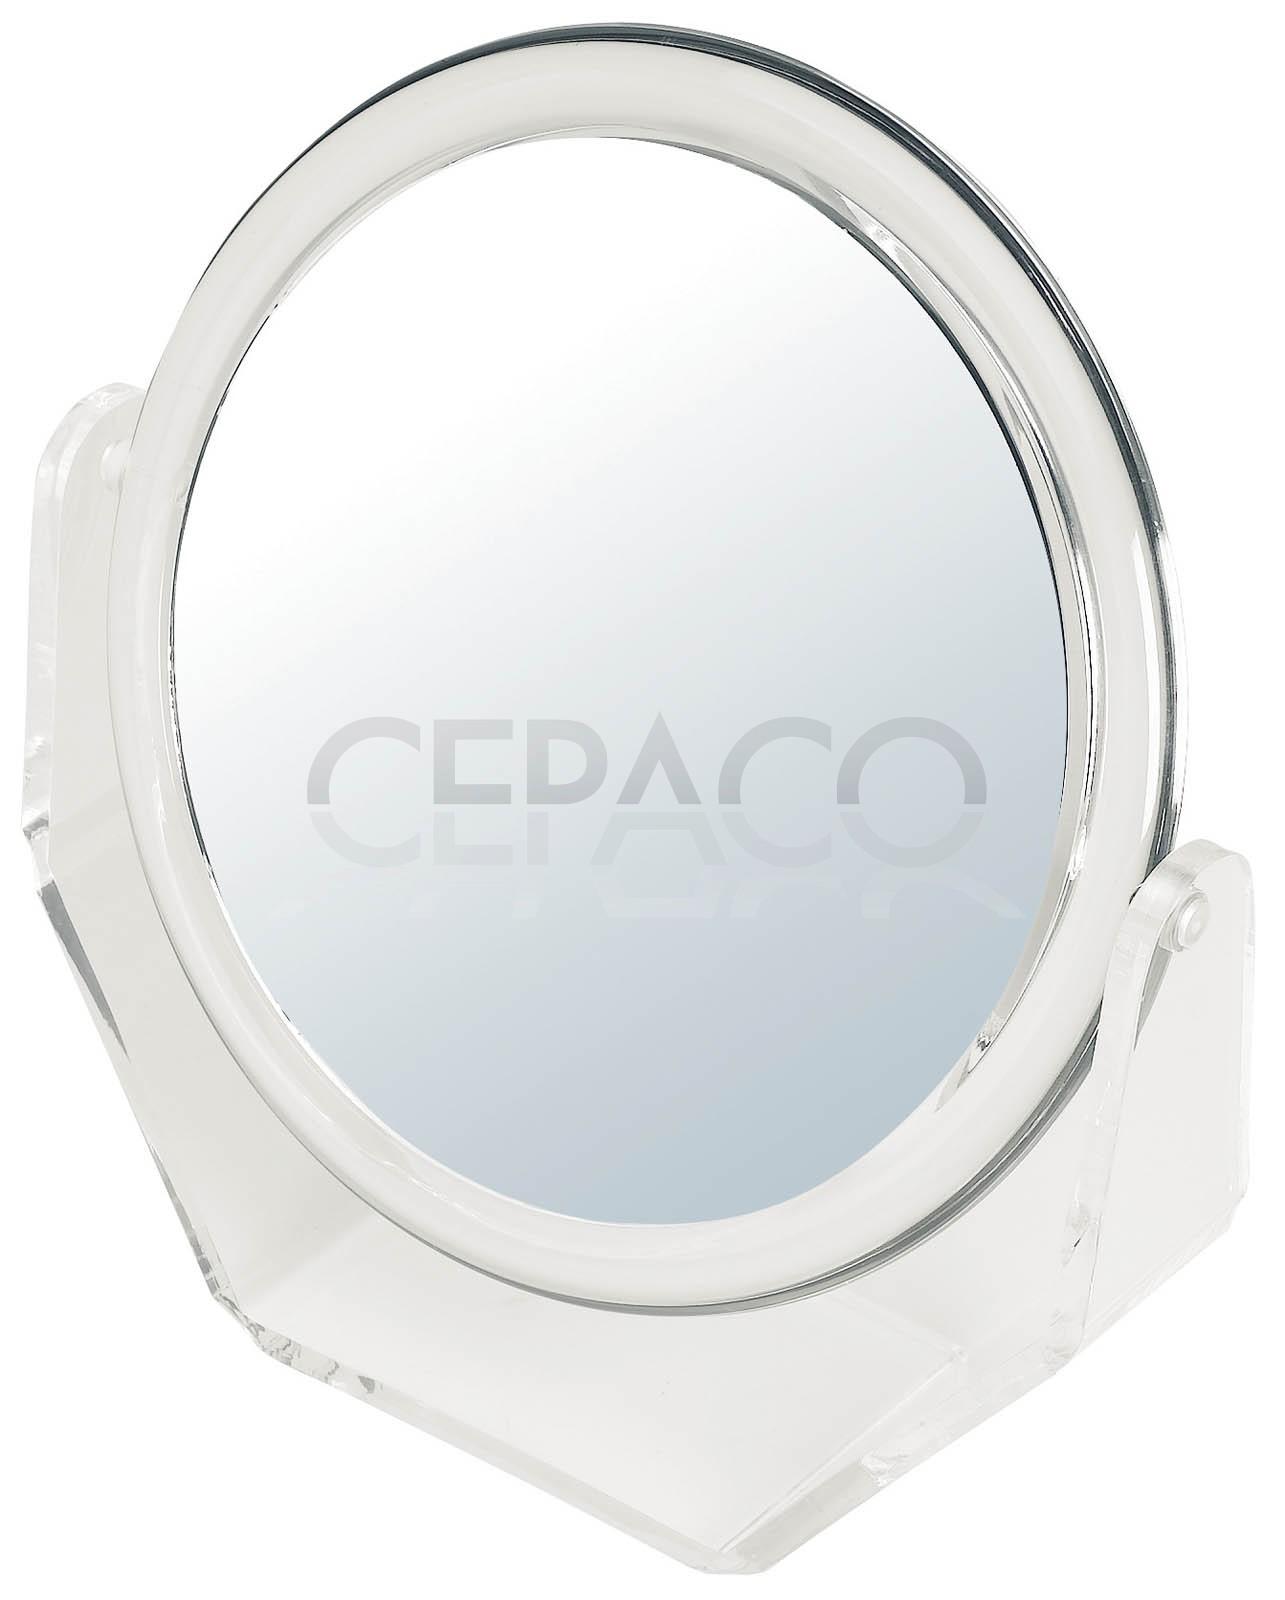 Miroir double face gros pm ou gm av socle 5x cepaco le for Double face pour miroir